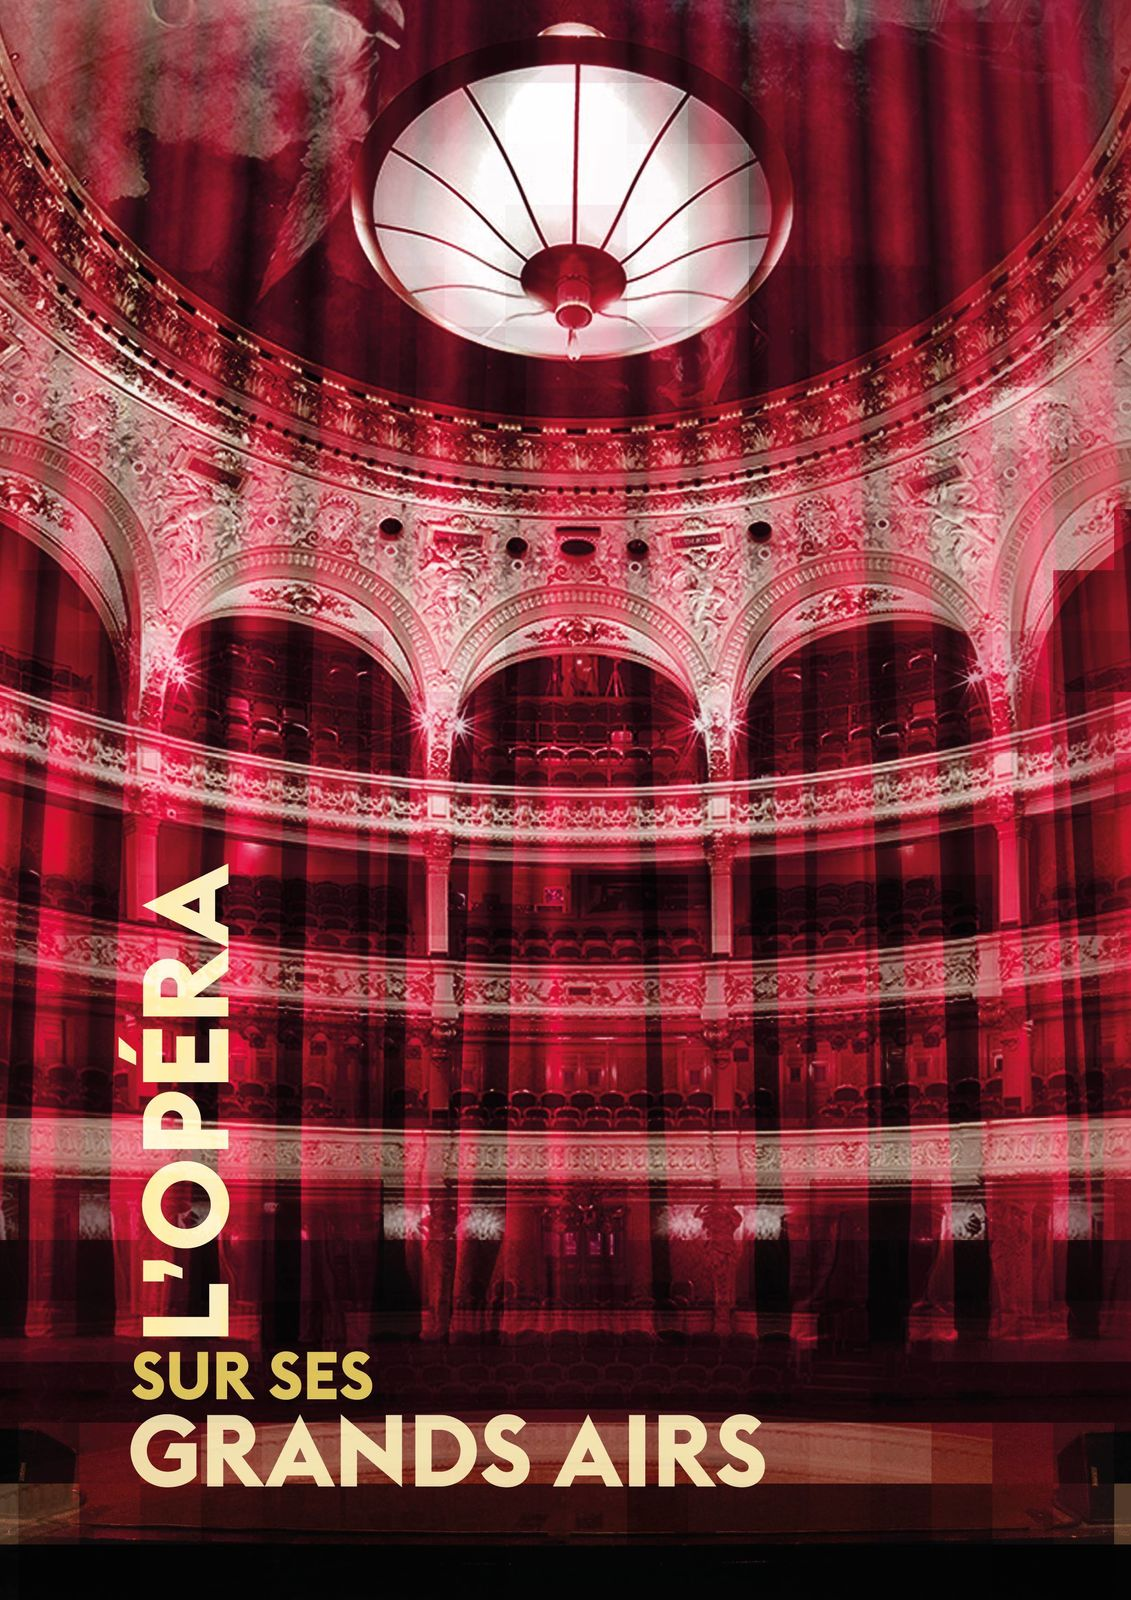 Afbeeldingsresultaat voor l'opéra sur ses grands airs